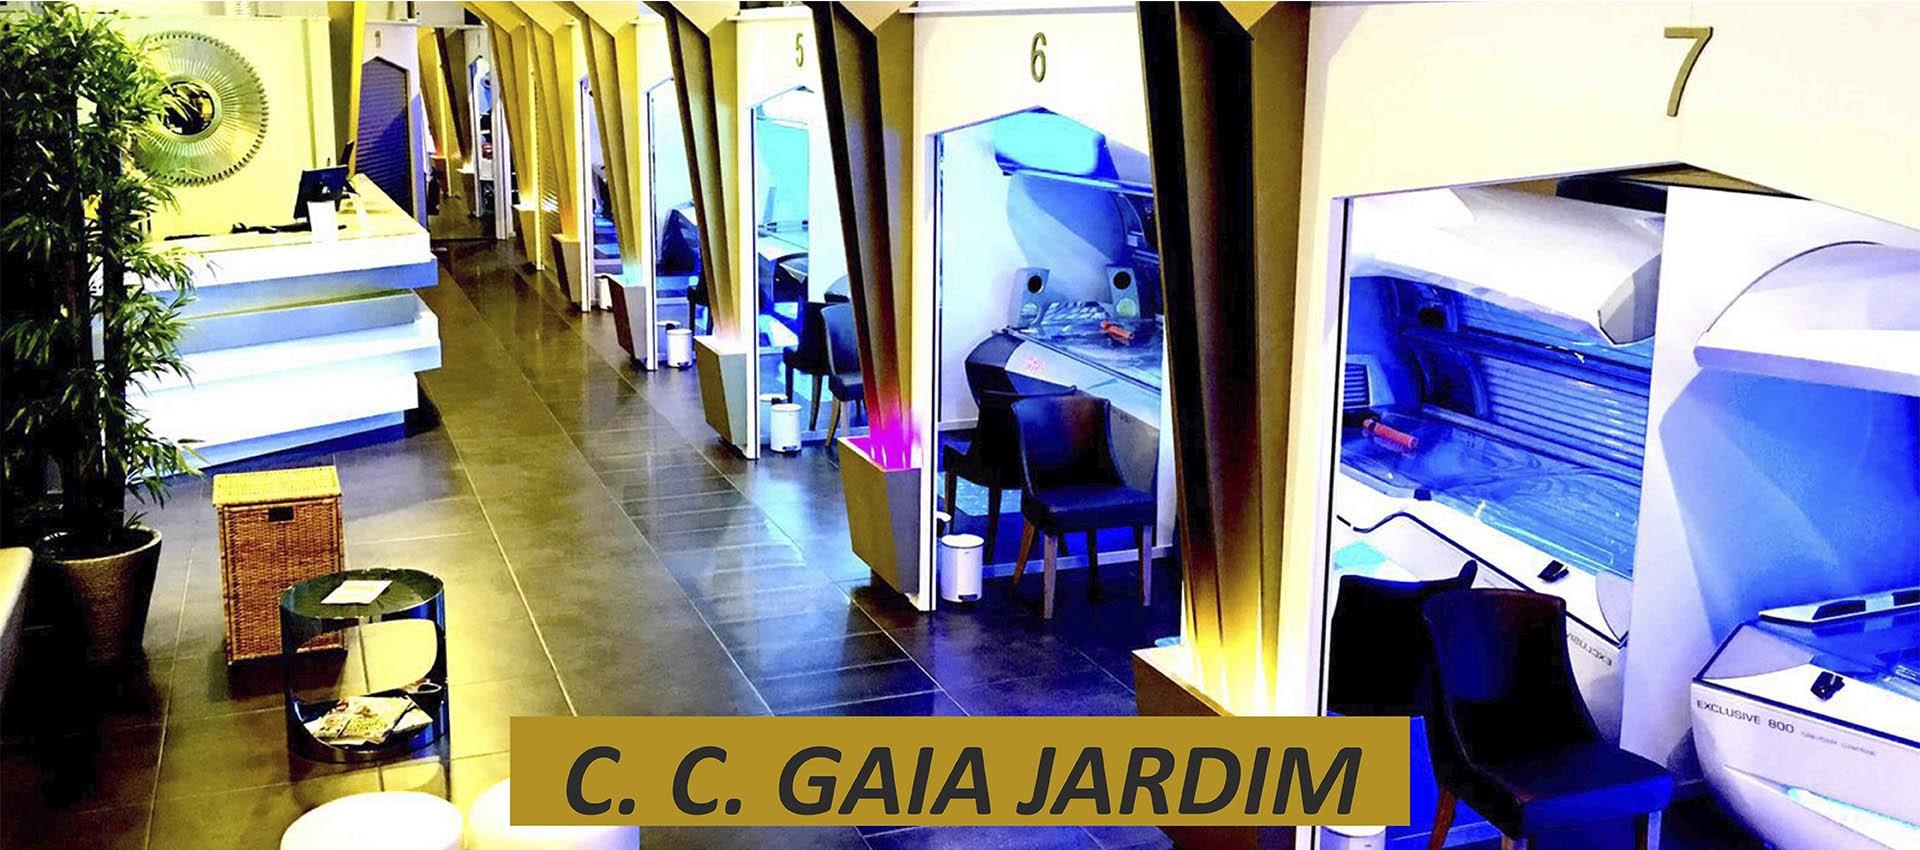 C. C. Gaia Jardim